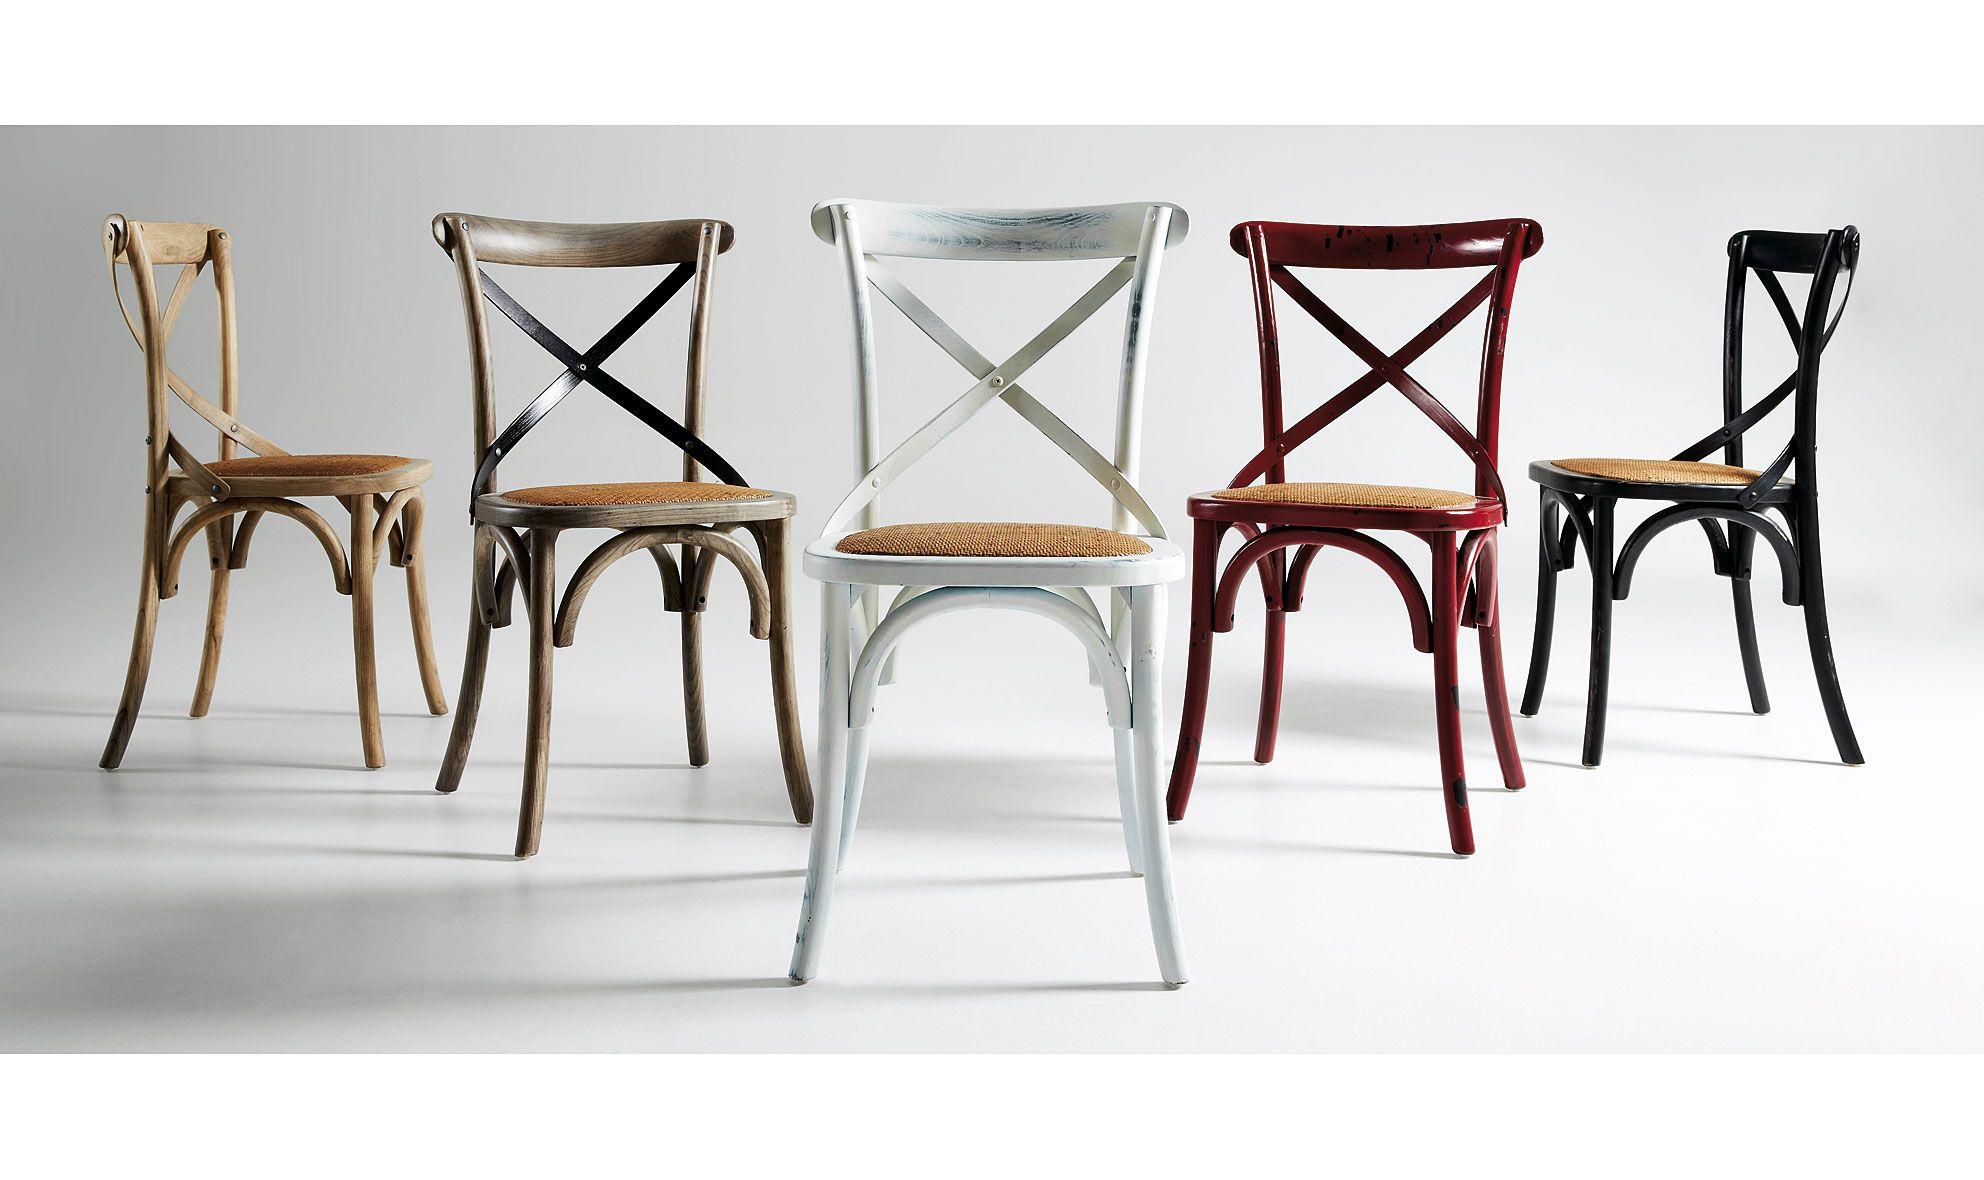 Silla Vintage Alsie Material Madera De Olmo Silla En Madera De  # Muebles Retro Baratos